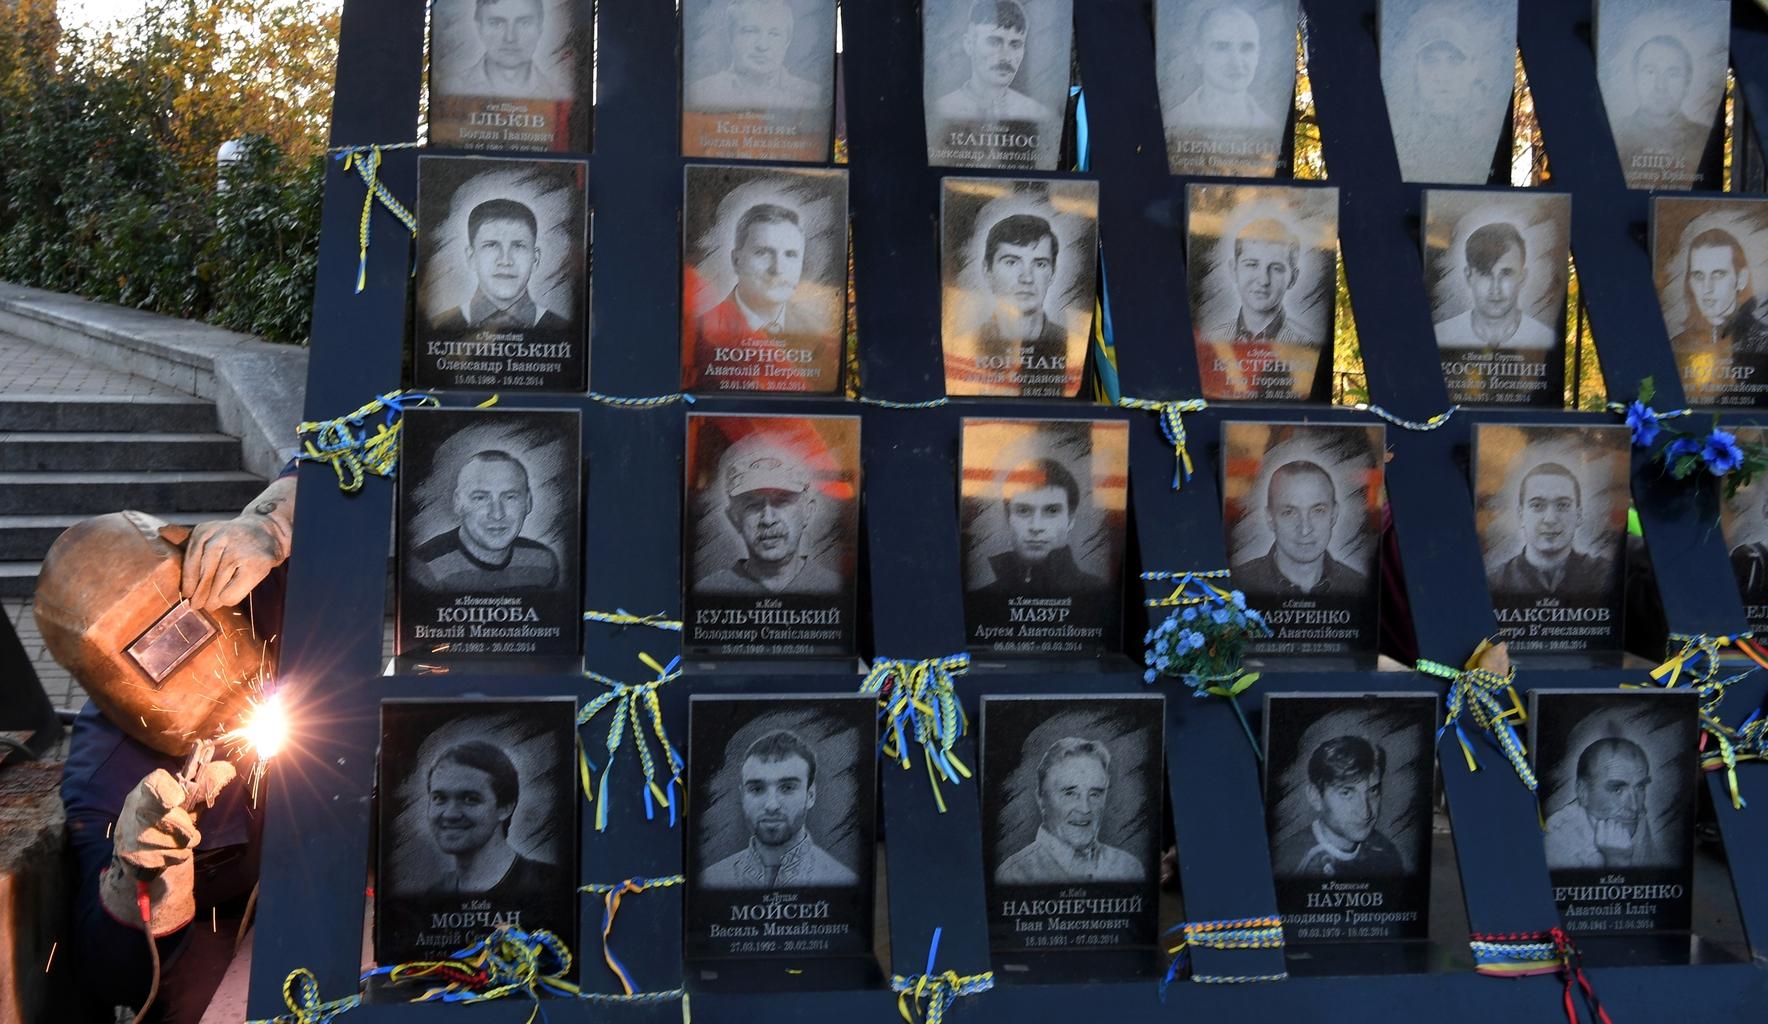 """Egy munkás bontja a """"Mennyei Százak Emlékművét"""" Kijevben 2018. november 7-én. Az emlékművet elbontották, hogy további rendőrségi nyomozást lehessen elvégezni a mesterlövészek által elkövetett gyilkosság helyszínén Fotó:EUROPRESS/Sergei Supinsky/AFP #moszkvater"""